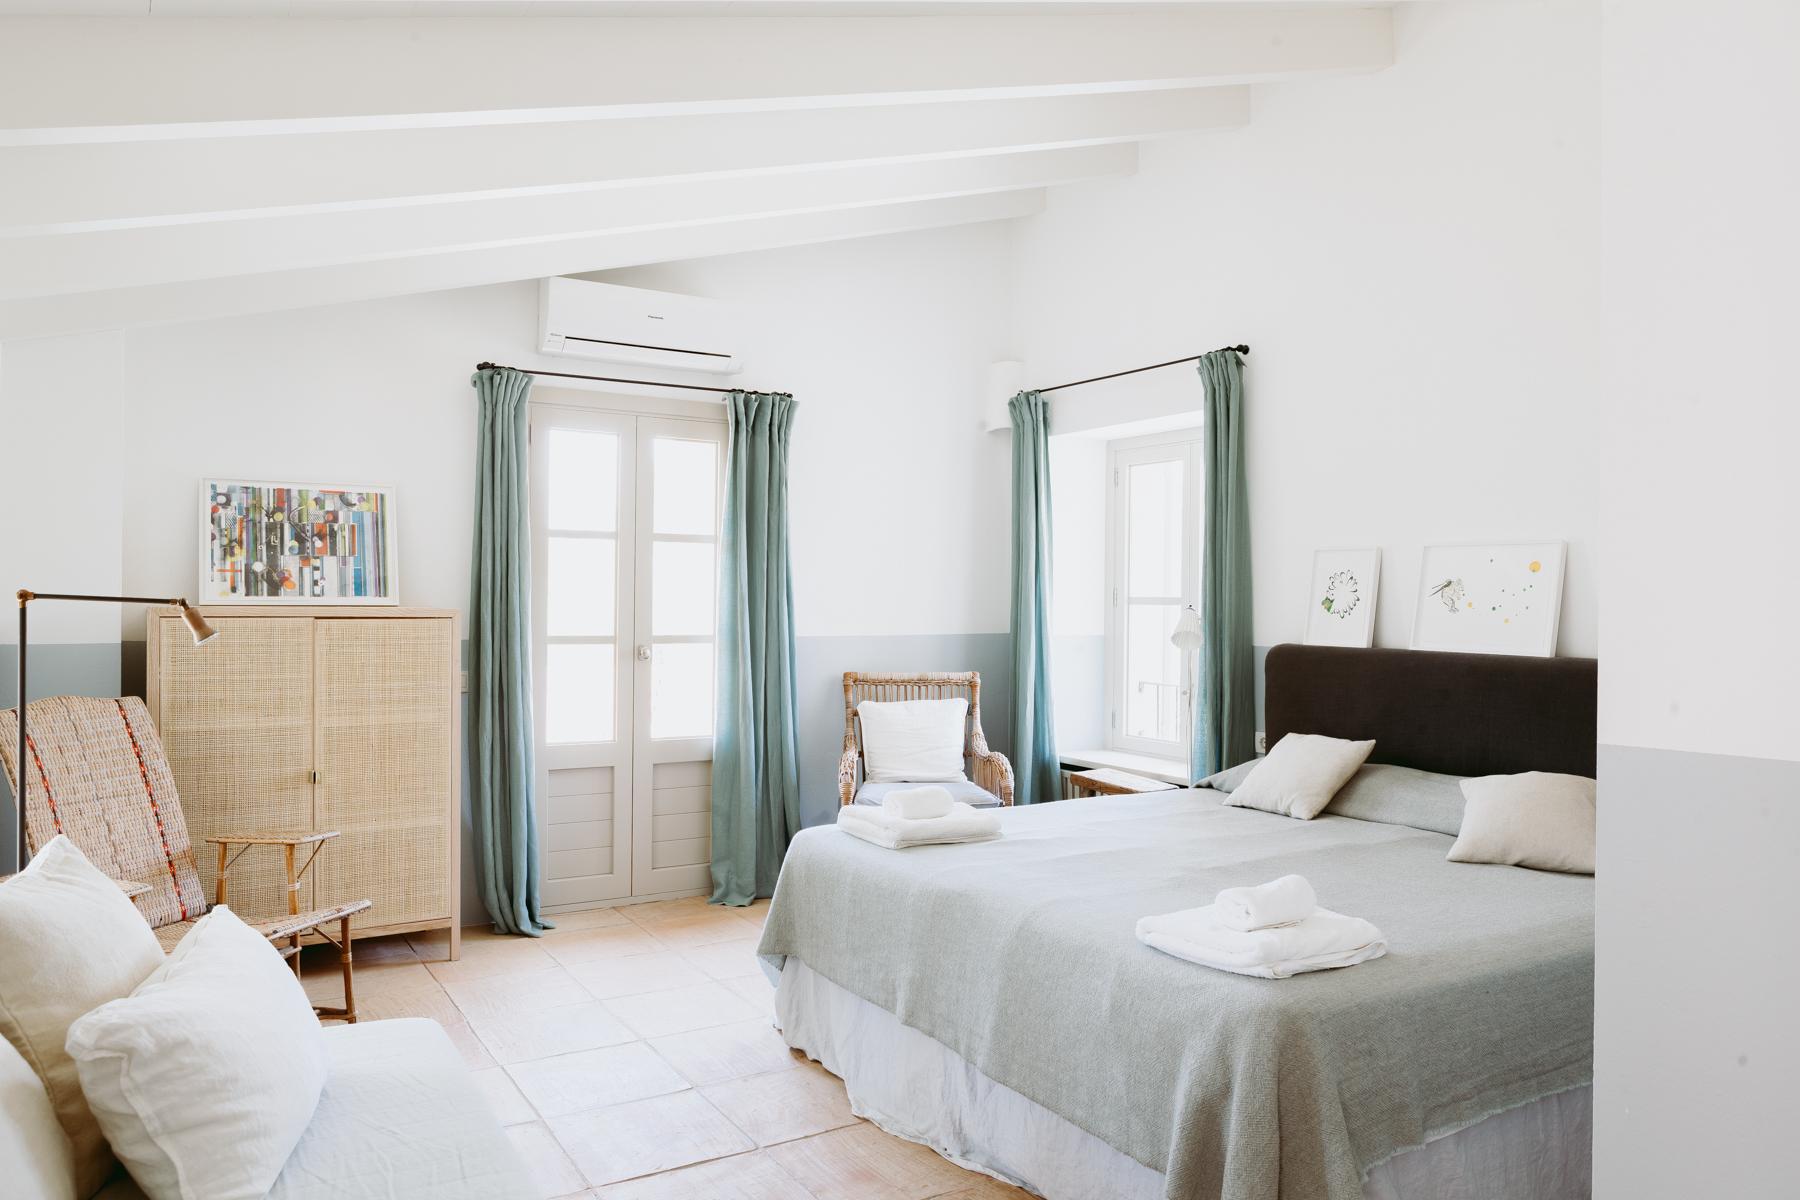 SCHLAFZIMMER 2 - Ein Zimmer mit Doppelbett (180 x 200 cm) sowie einem Einzelbett (80 x 200 cm) und en suite Badezimmer mit Dusche und Badewanne auf der Zwischenebene; mit eigenem Balkon.